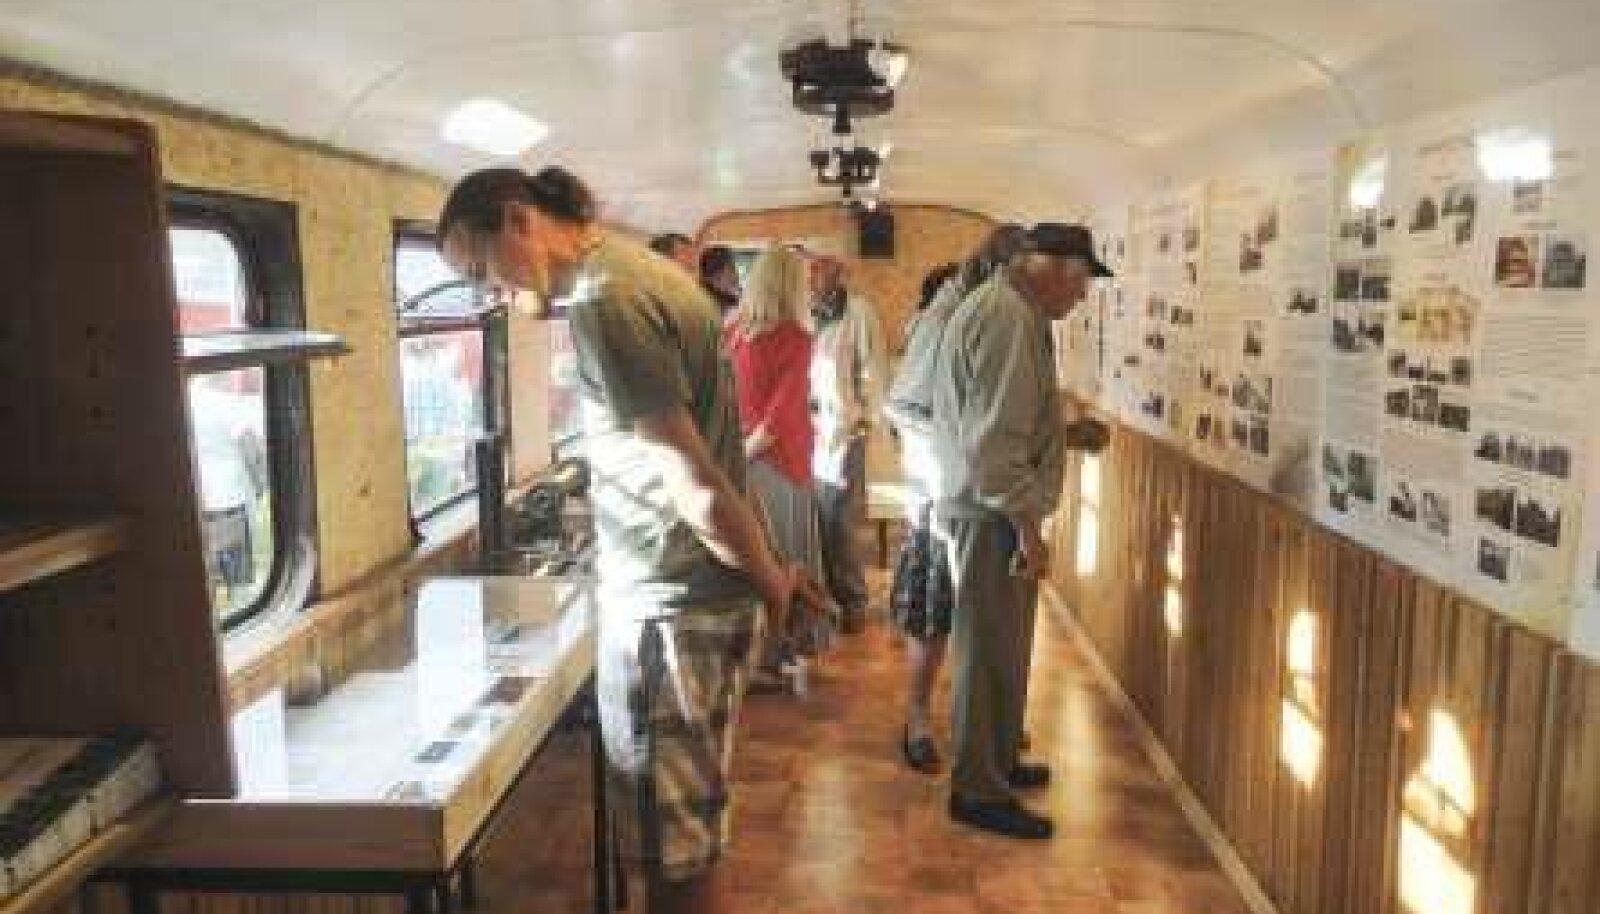 Avati Türi-Tamsalu kitsarööpmelist raudteed tutvustav muuseum-vagun -  Maaleht